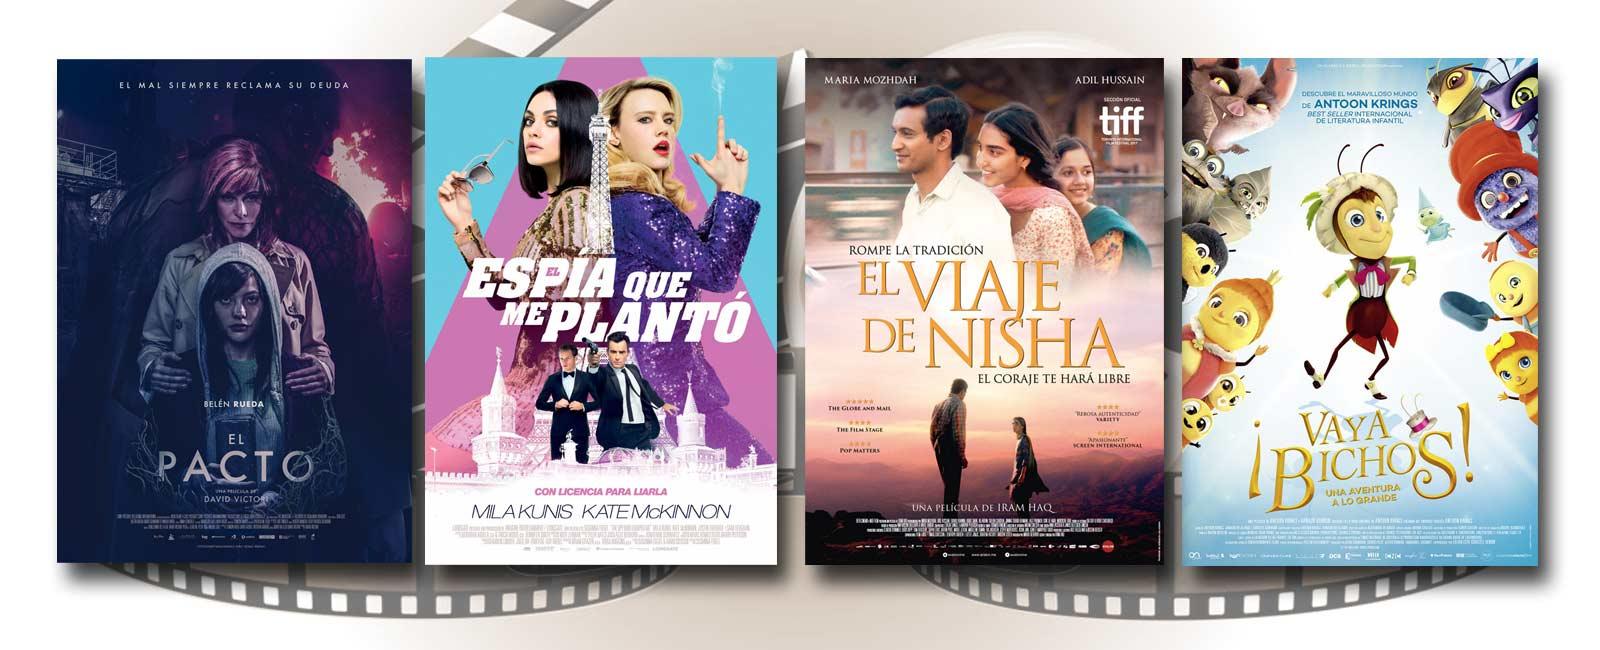 Estrenos de Cine de la Semana… 17 de Agosto 2018